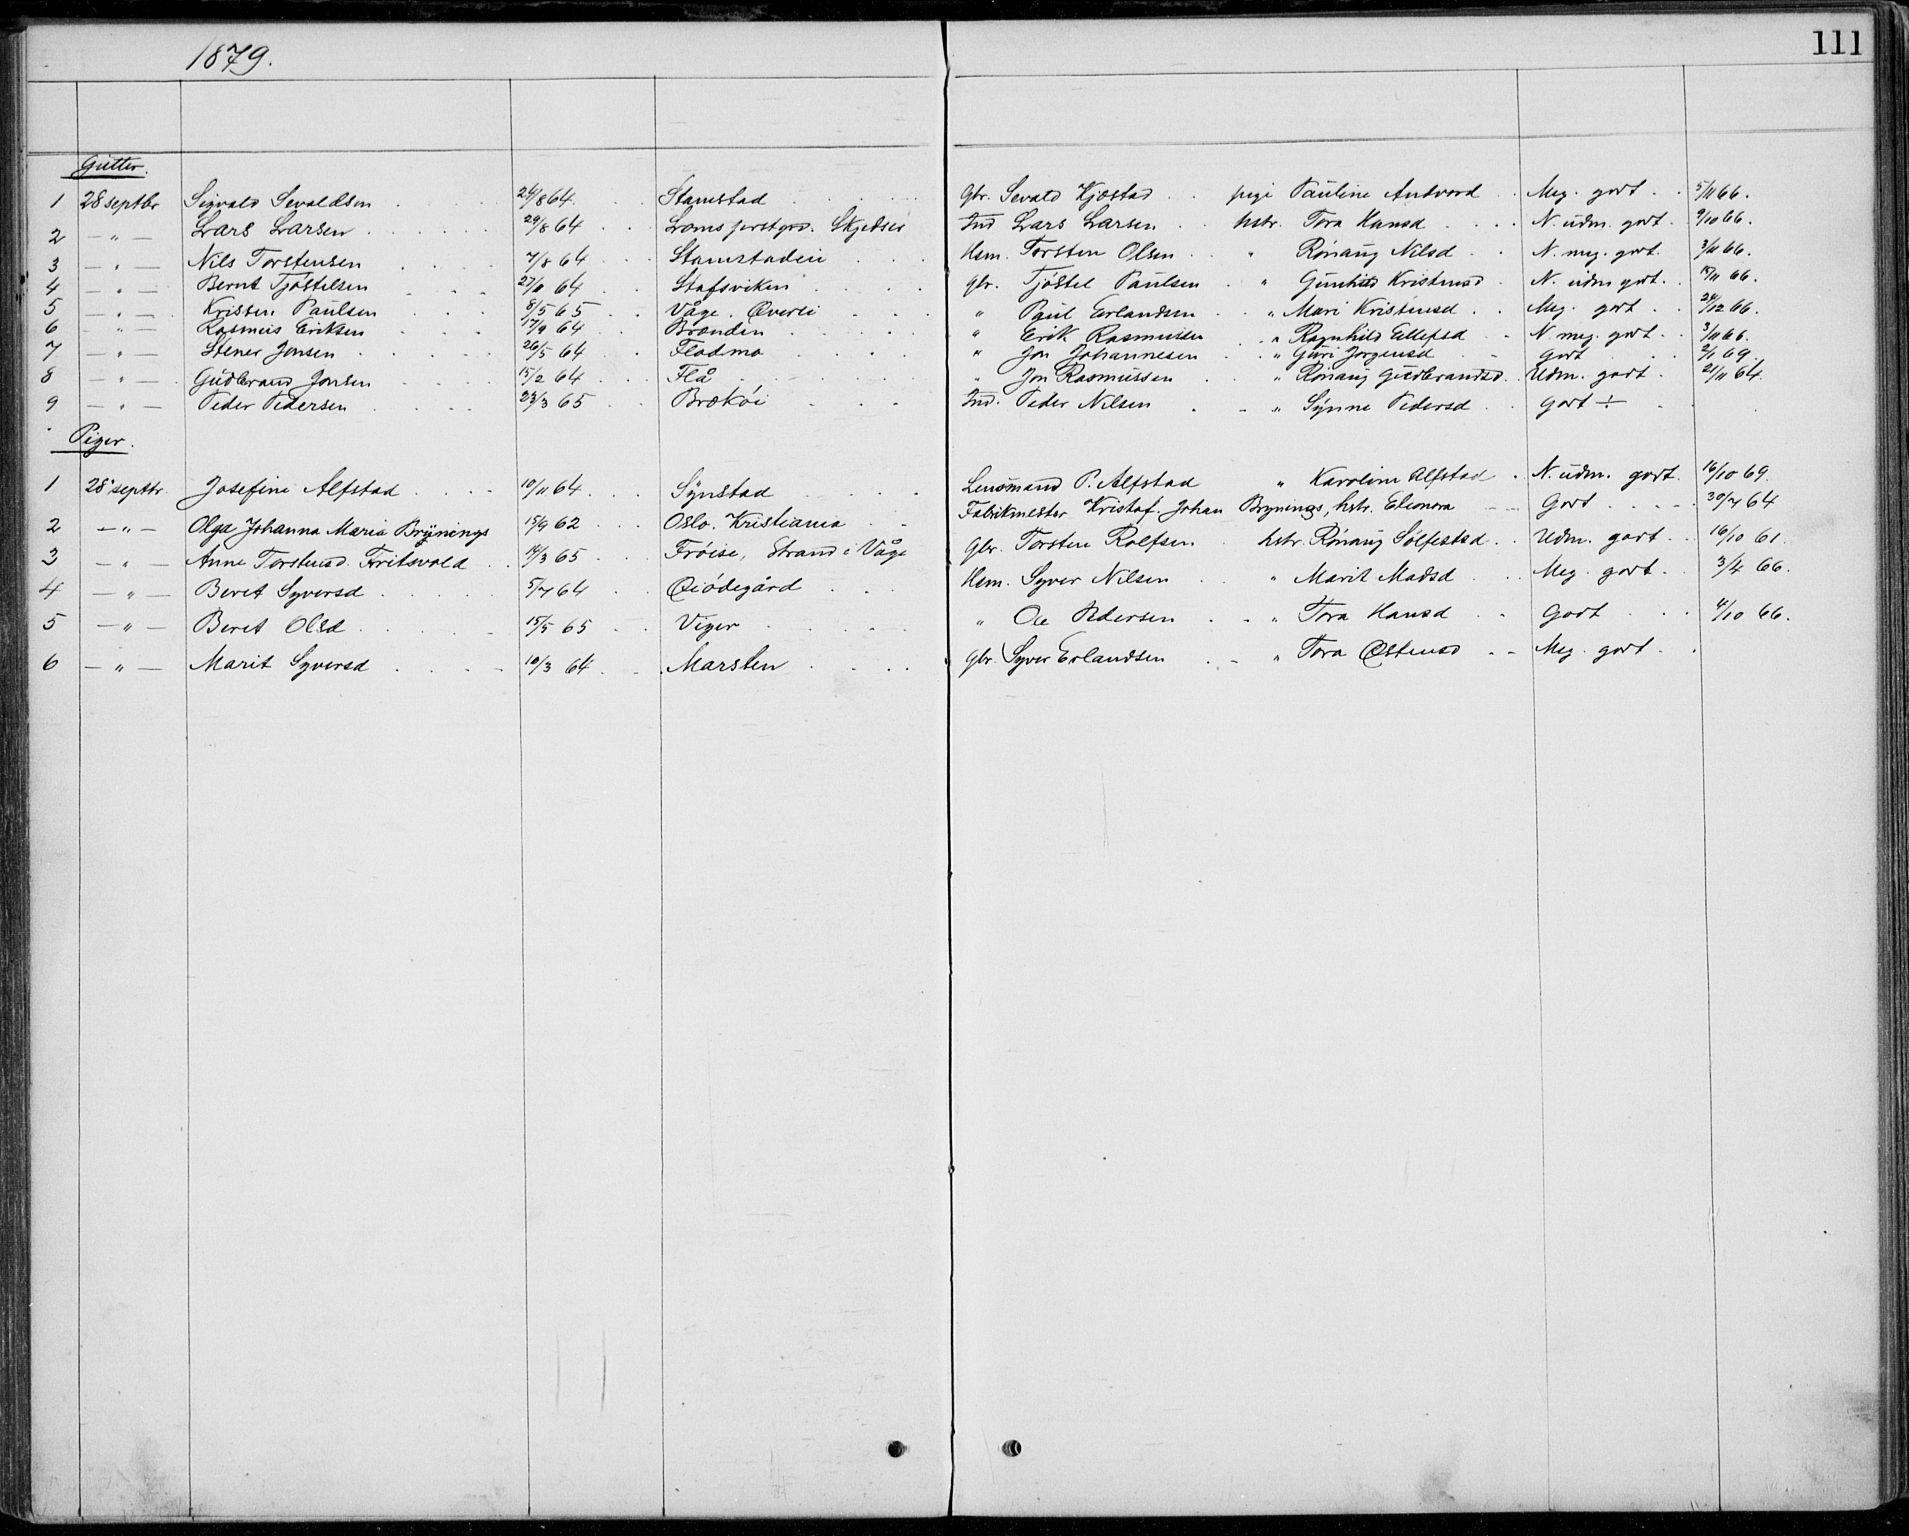 SAH, Lom prestekontor, L/L0013: Klokkerbok nr. 13, 1874-1938, s. 111